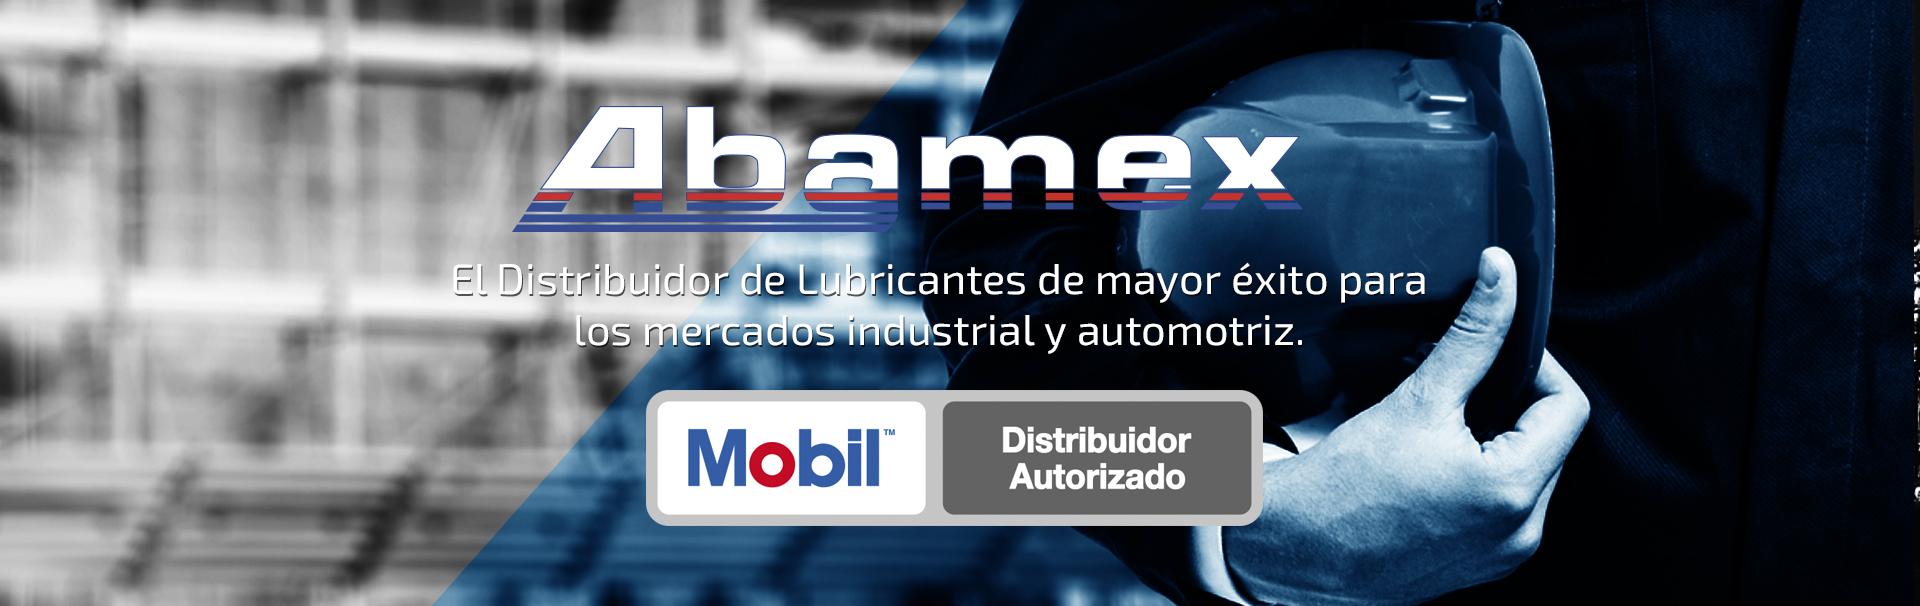 Abamex - distribuidor de lubricantes